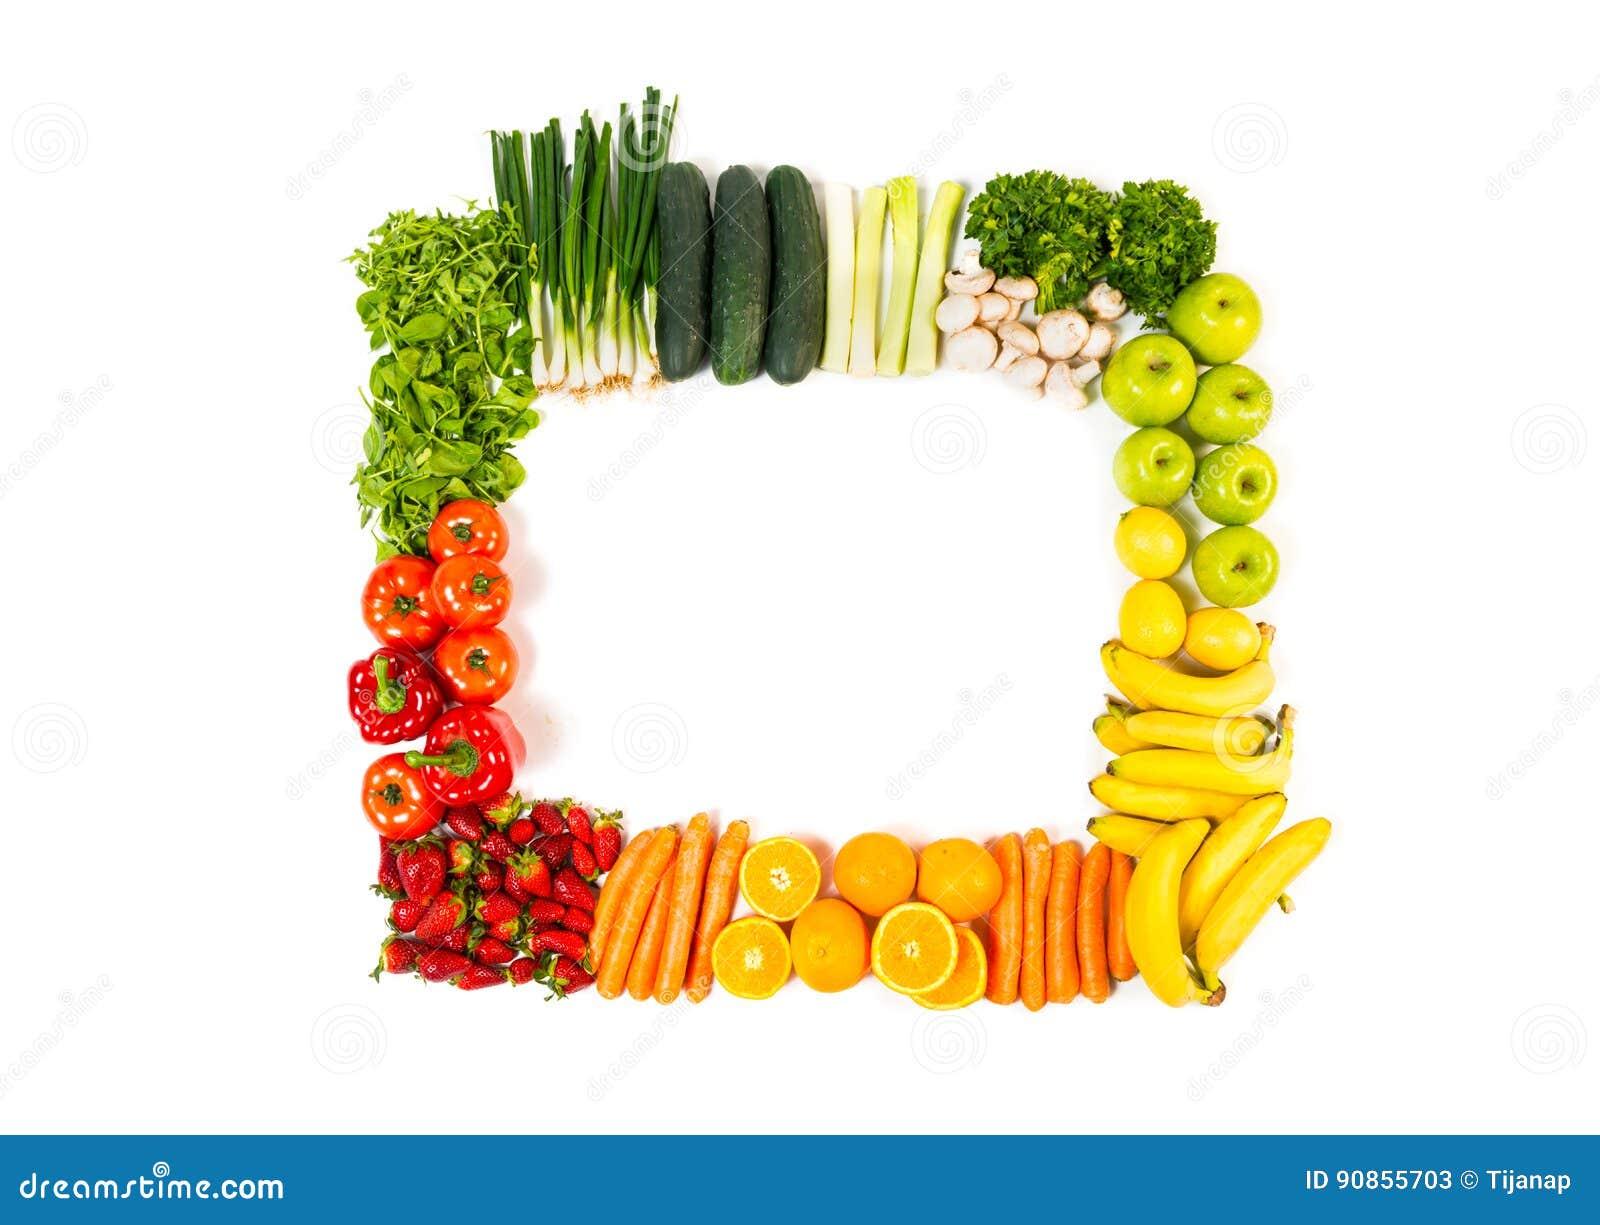 Pagina fatta dalla frutta e dalle verdure isolate su bianco